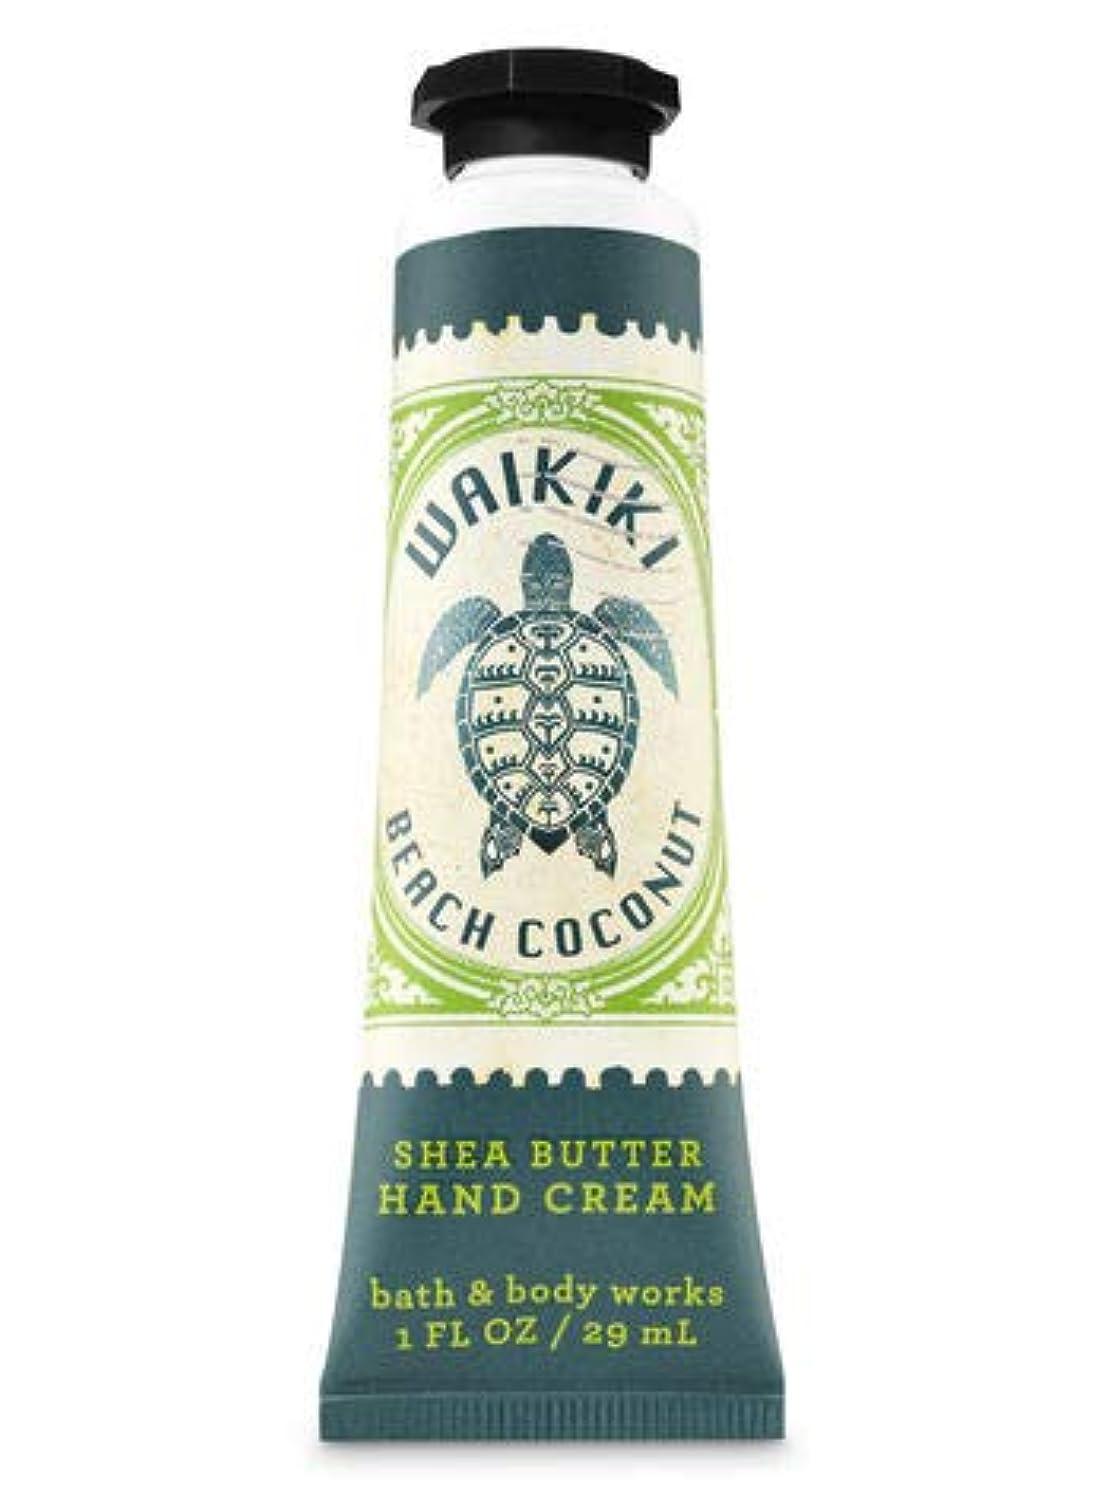 乱れバース指【Bath&Body Works/バス&ボディワークス】 シアバター ハンドクリーム ワイキキビーチココナッツ Shea Butter Hand Cream Waikiki Beach Coconut 1 fl oz /...